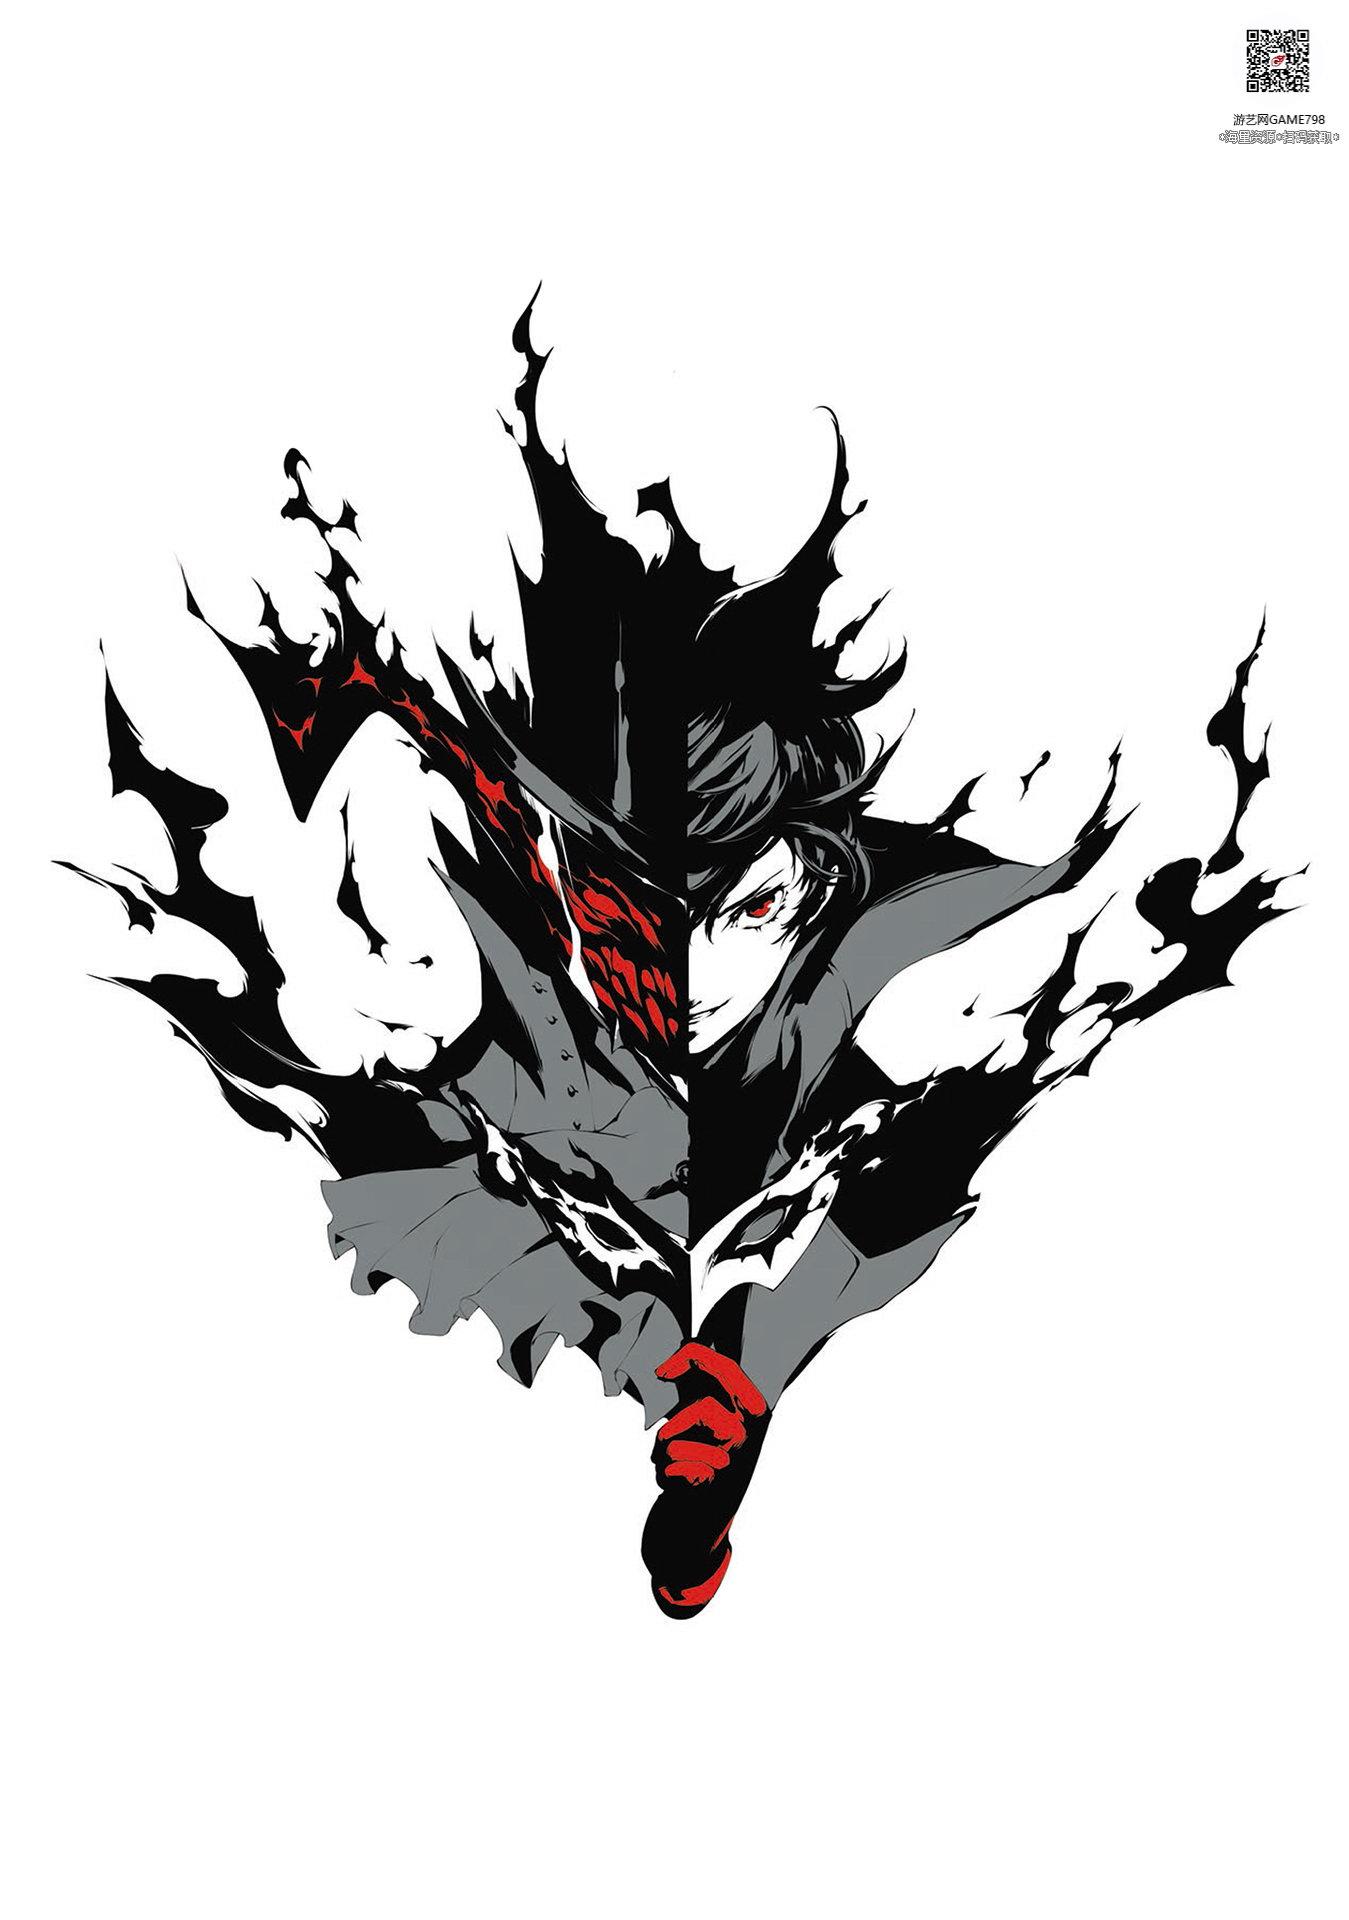 010_关注游艺网公众号获海量资源_日式游戏风格设定女神异闻录5二次元角色设定.jpeg